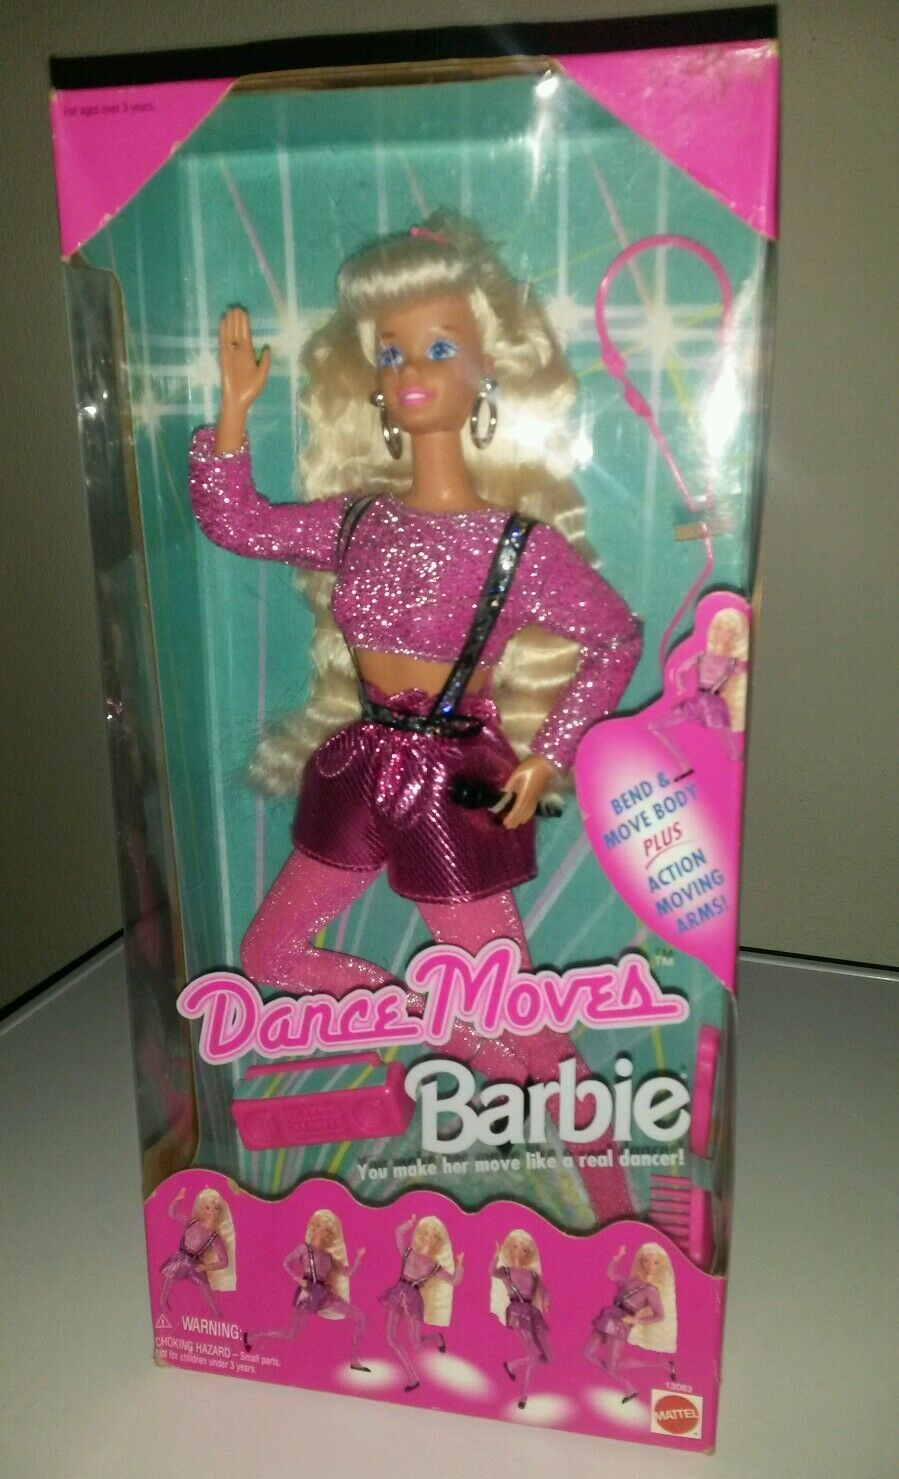 BARBIE  Dance Moves 1994  NRFB vintage ribassato  ci sono più marche di prodotti di alta qualità